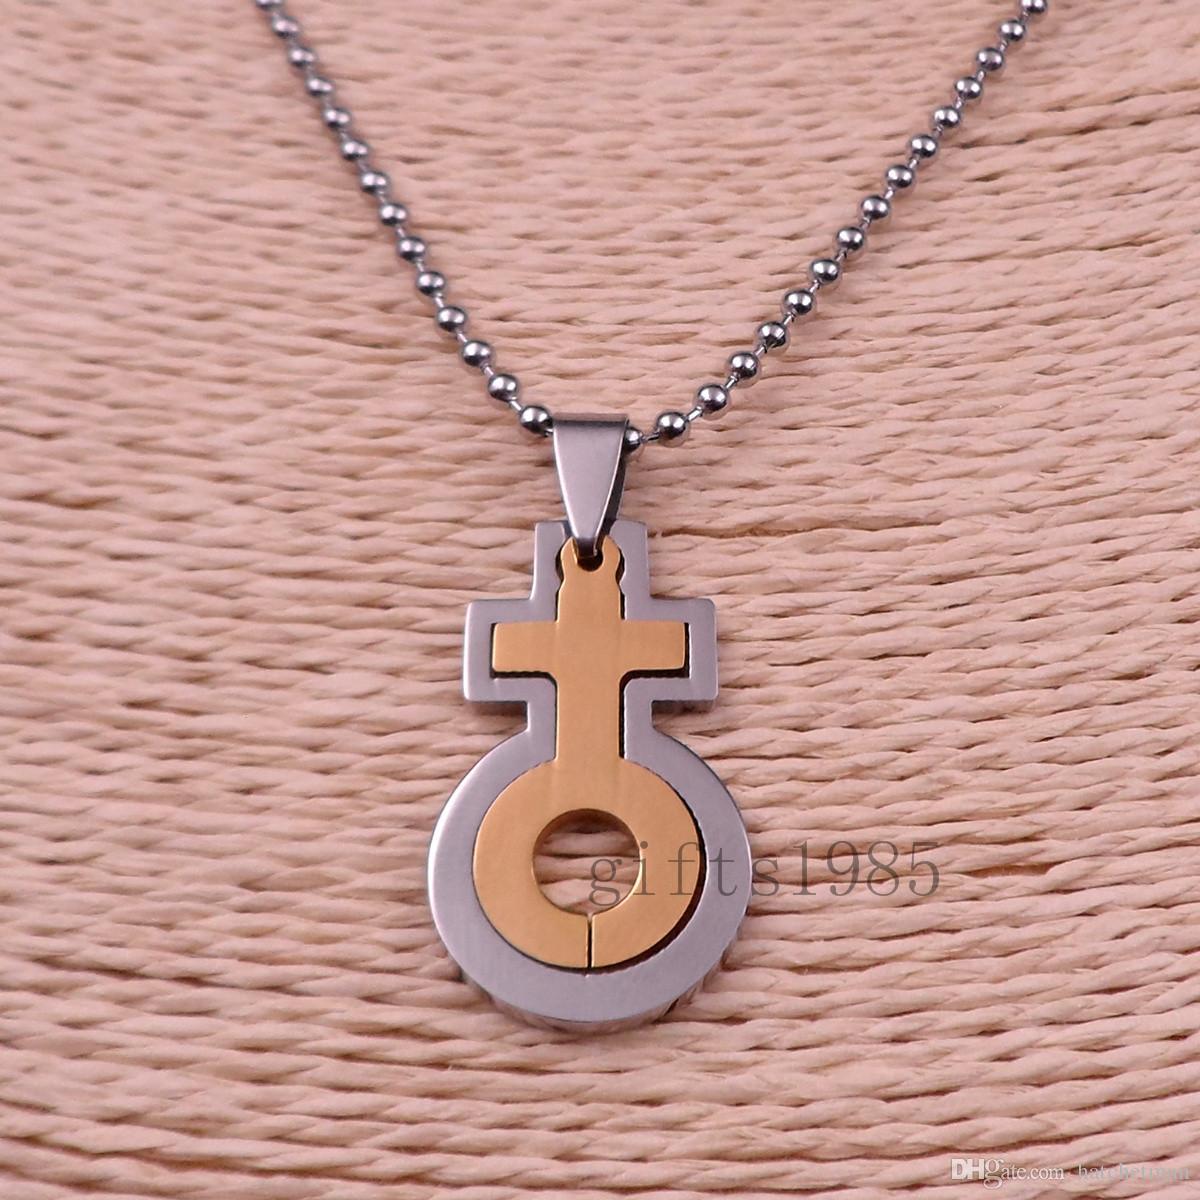 الفولاذ المقاوم للصدأ الإناث رمز سحر sillver الذهبية الفرز الثنائي قلادة قلادة 24IN